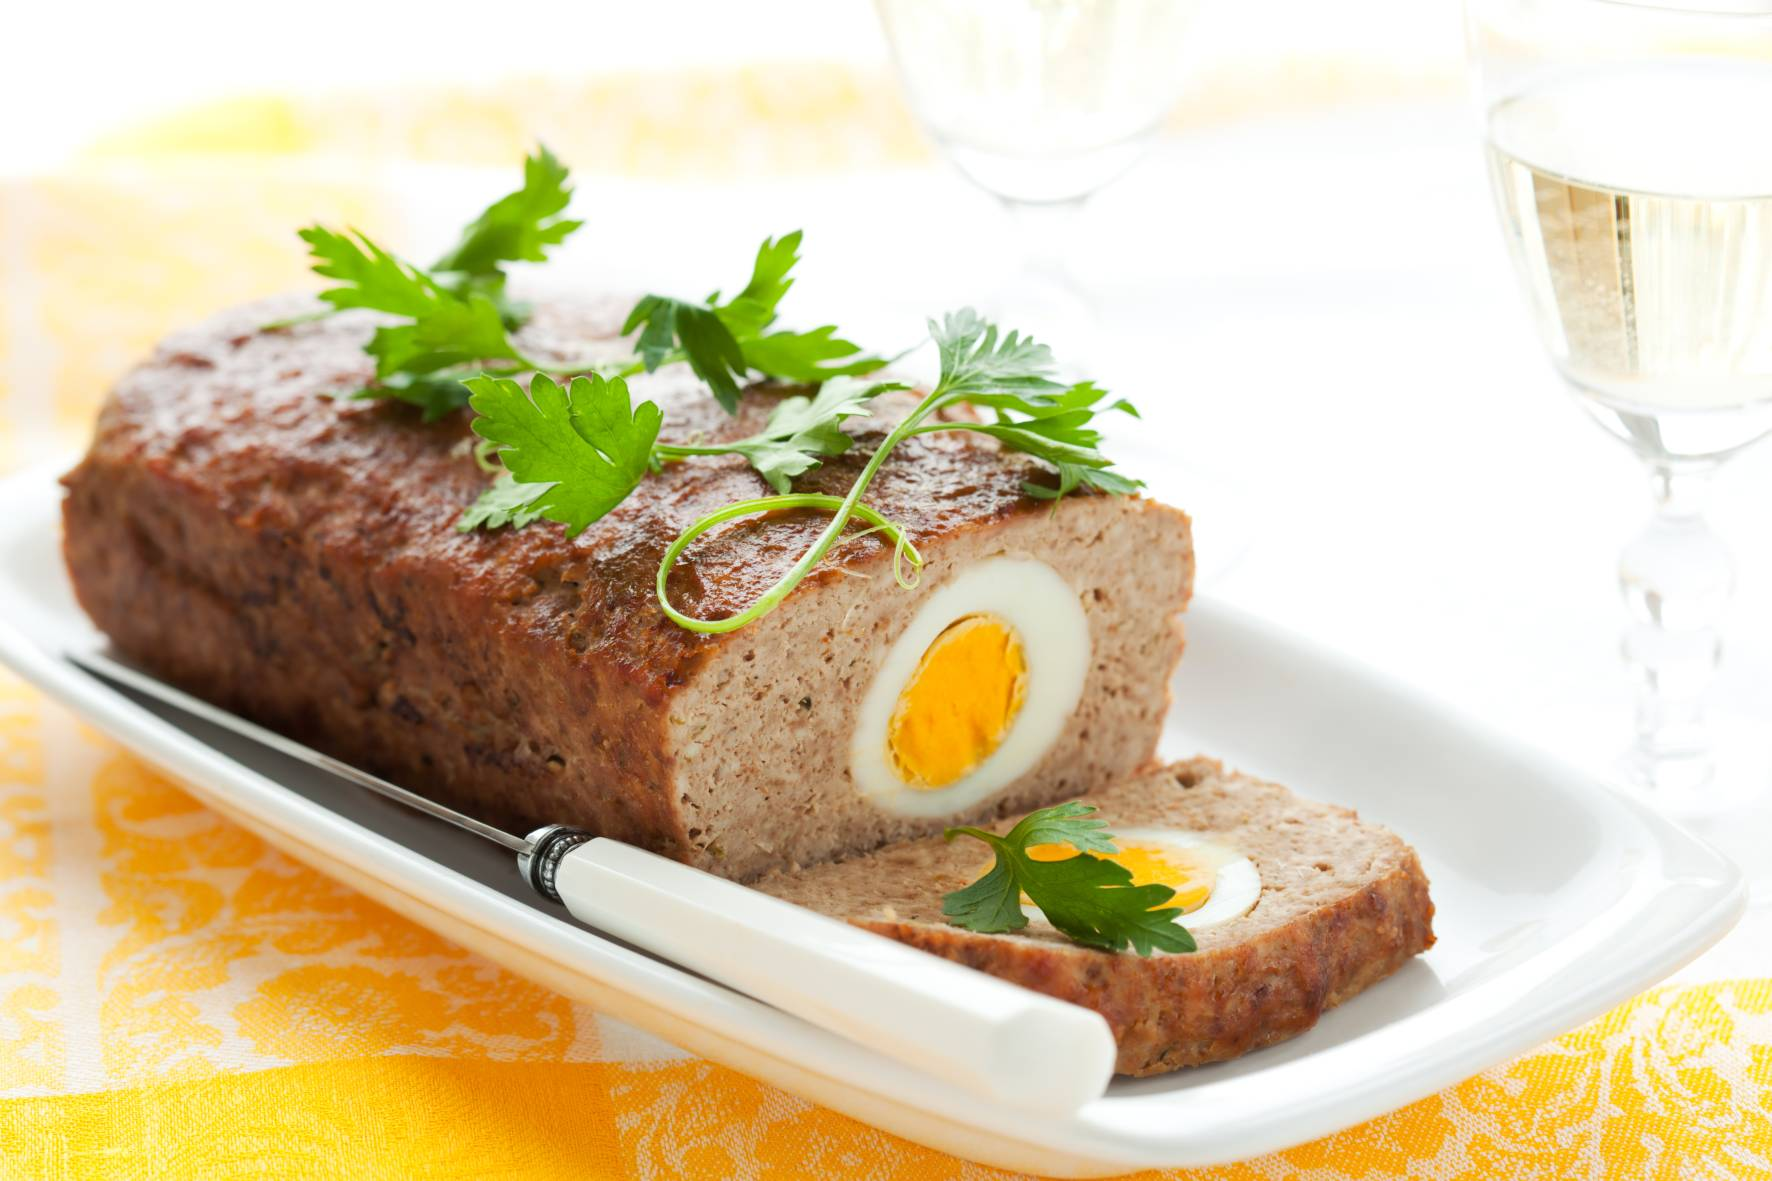 Jak upiec mięso żeby było kruche, soczyste a jego wyśmienity smak będzie rozpieszczać kubki smakowe